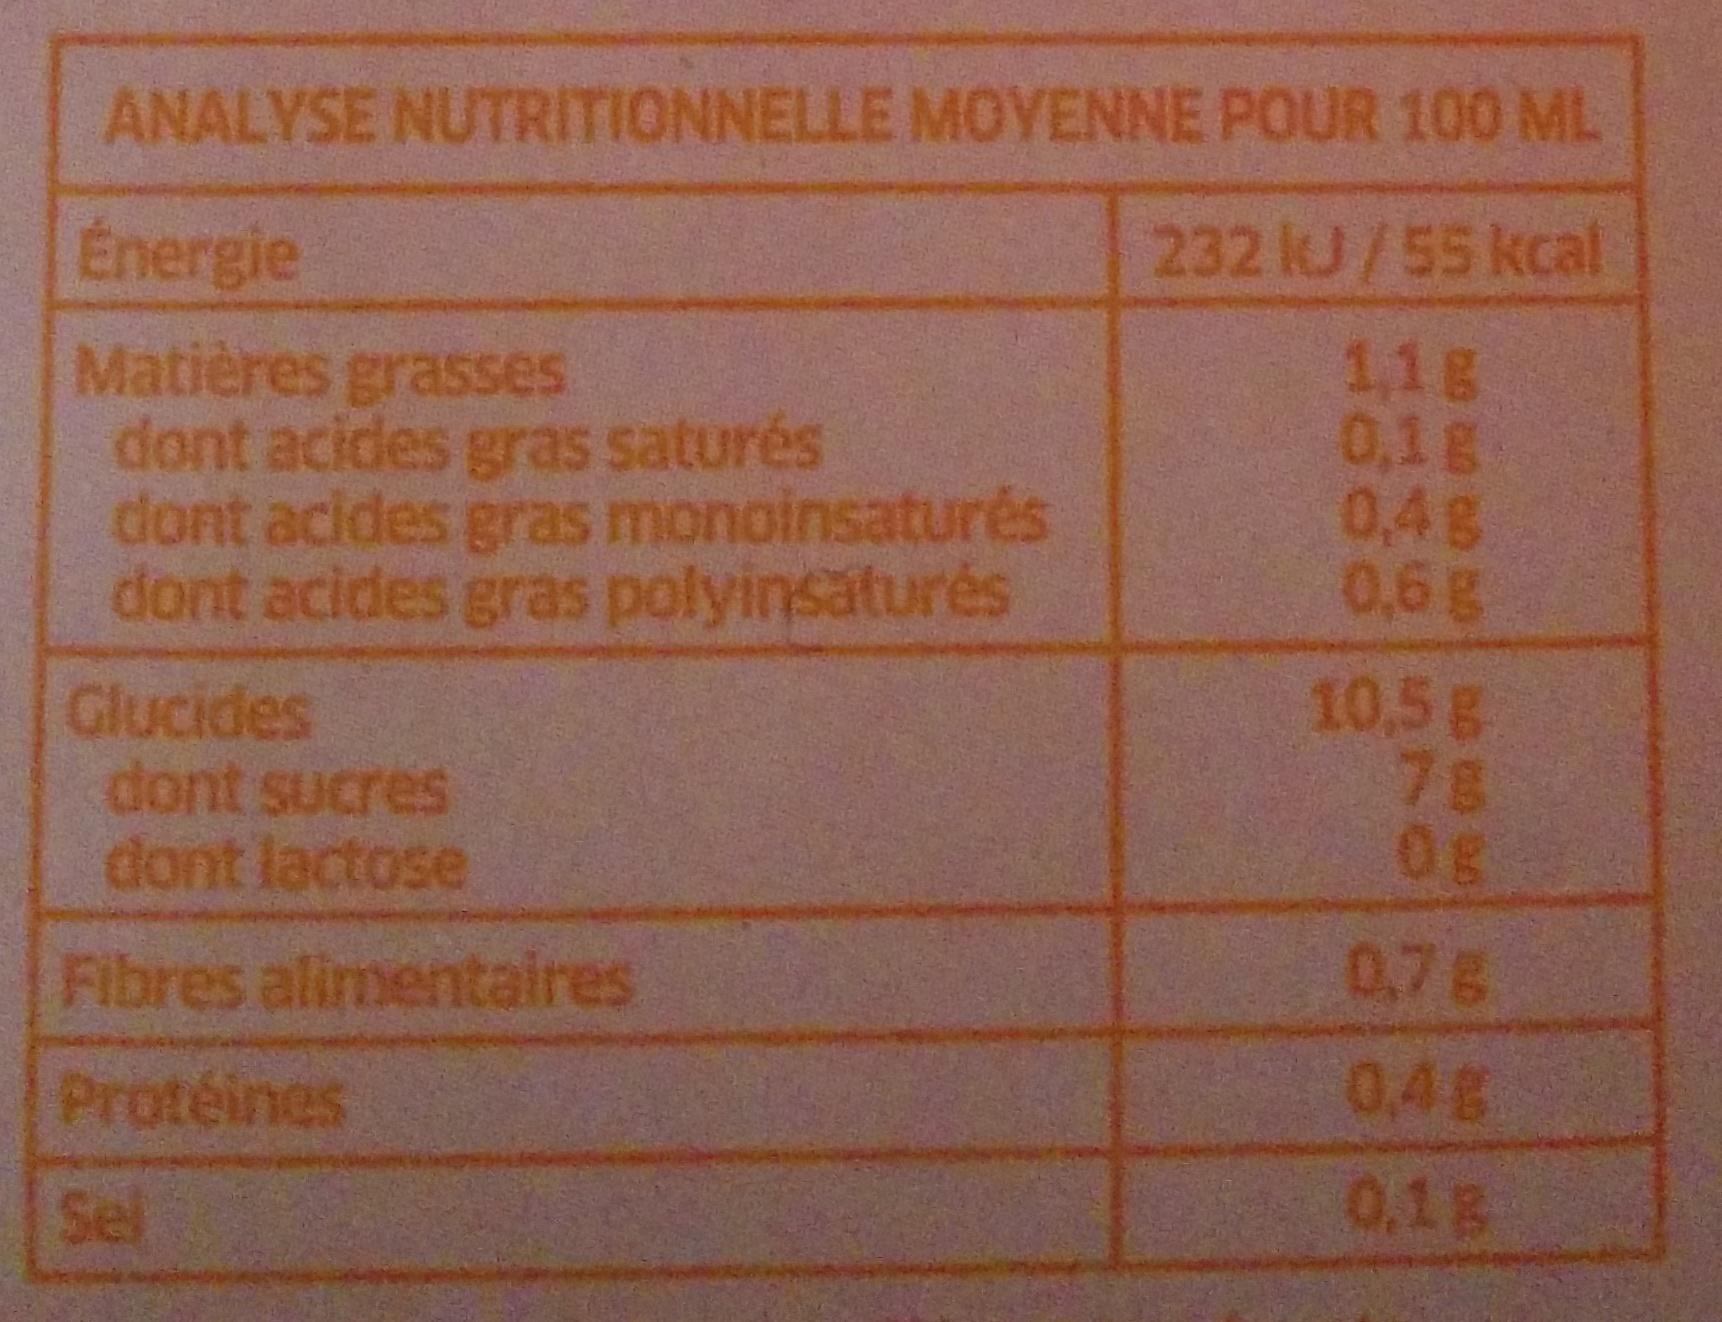 Boisson au Riz Nature - Informations nutritionnelles